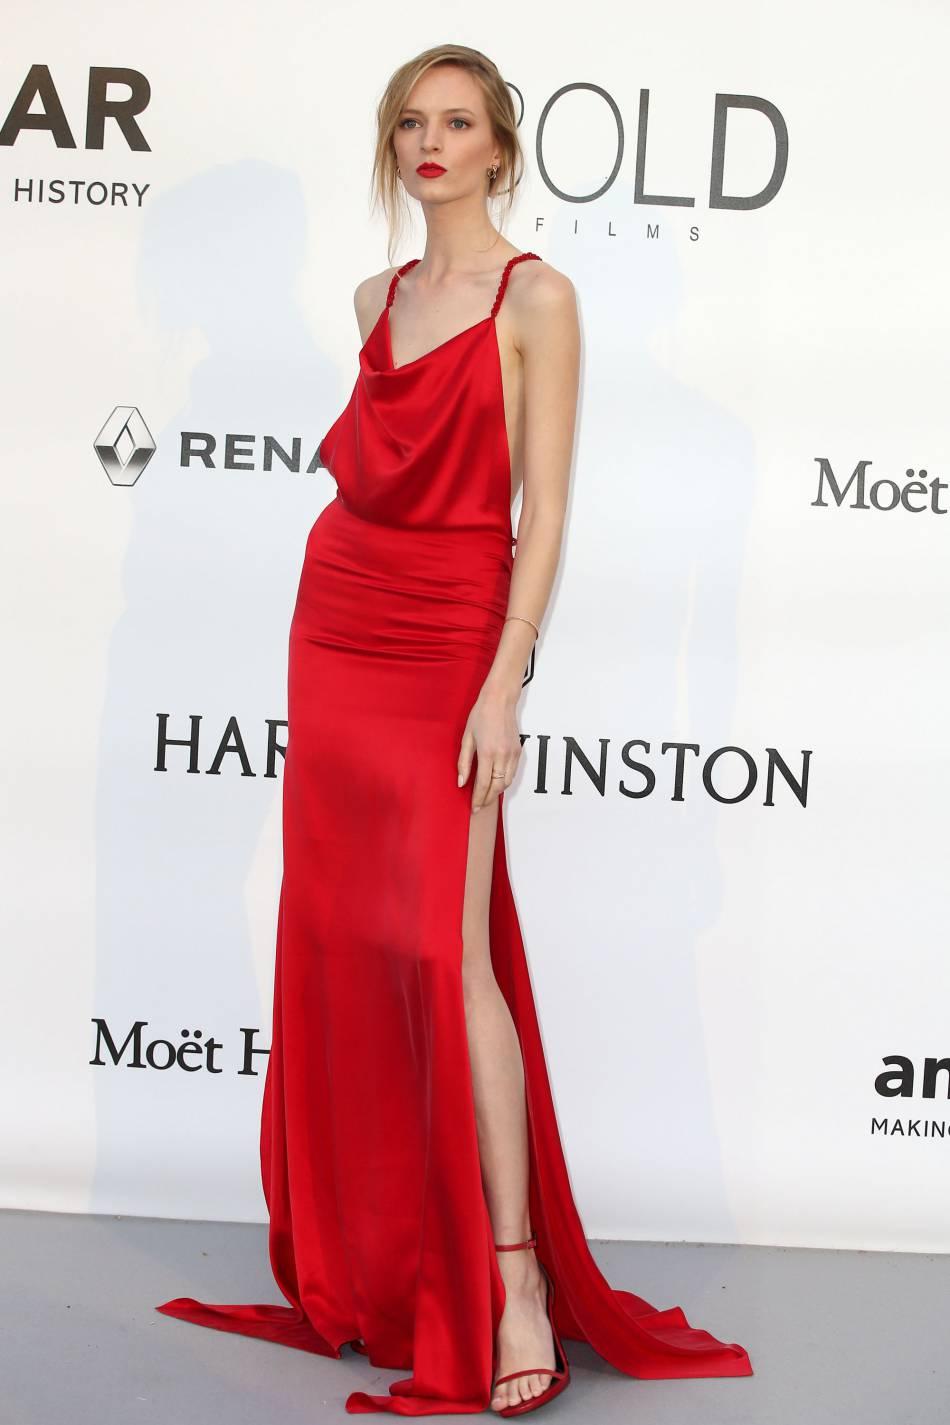 Daria Strokous en Maison Irfe Couture et bijoux Montblanc au gala de l'amfAR Cinema against AIDS le 19 mai 2016 à Cannes.